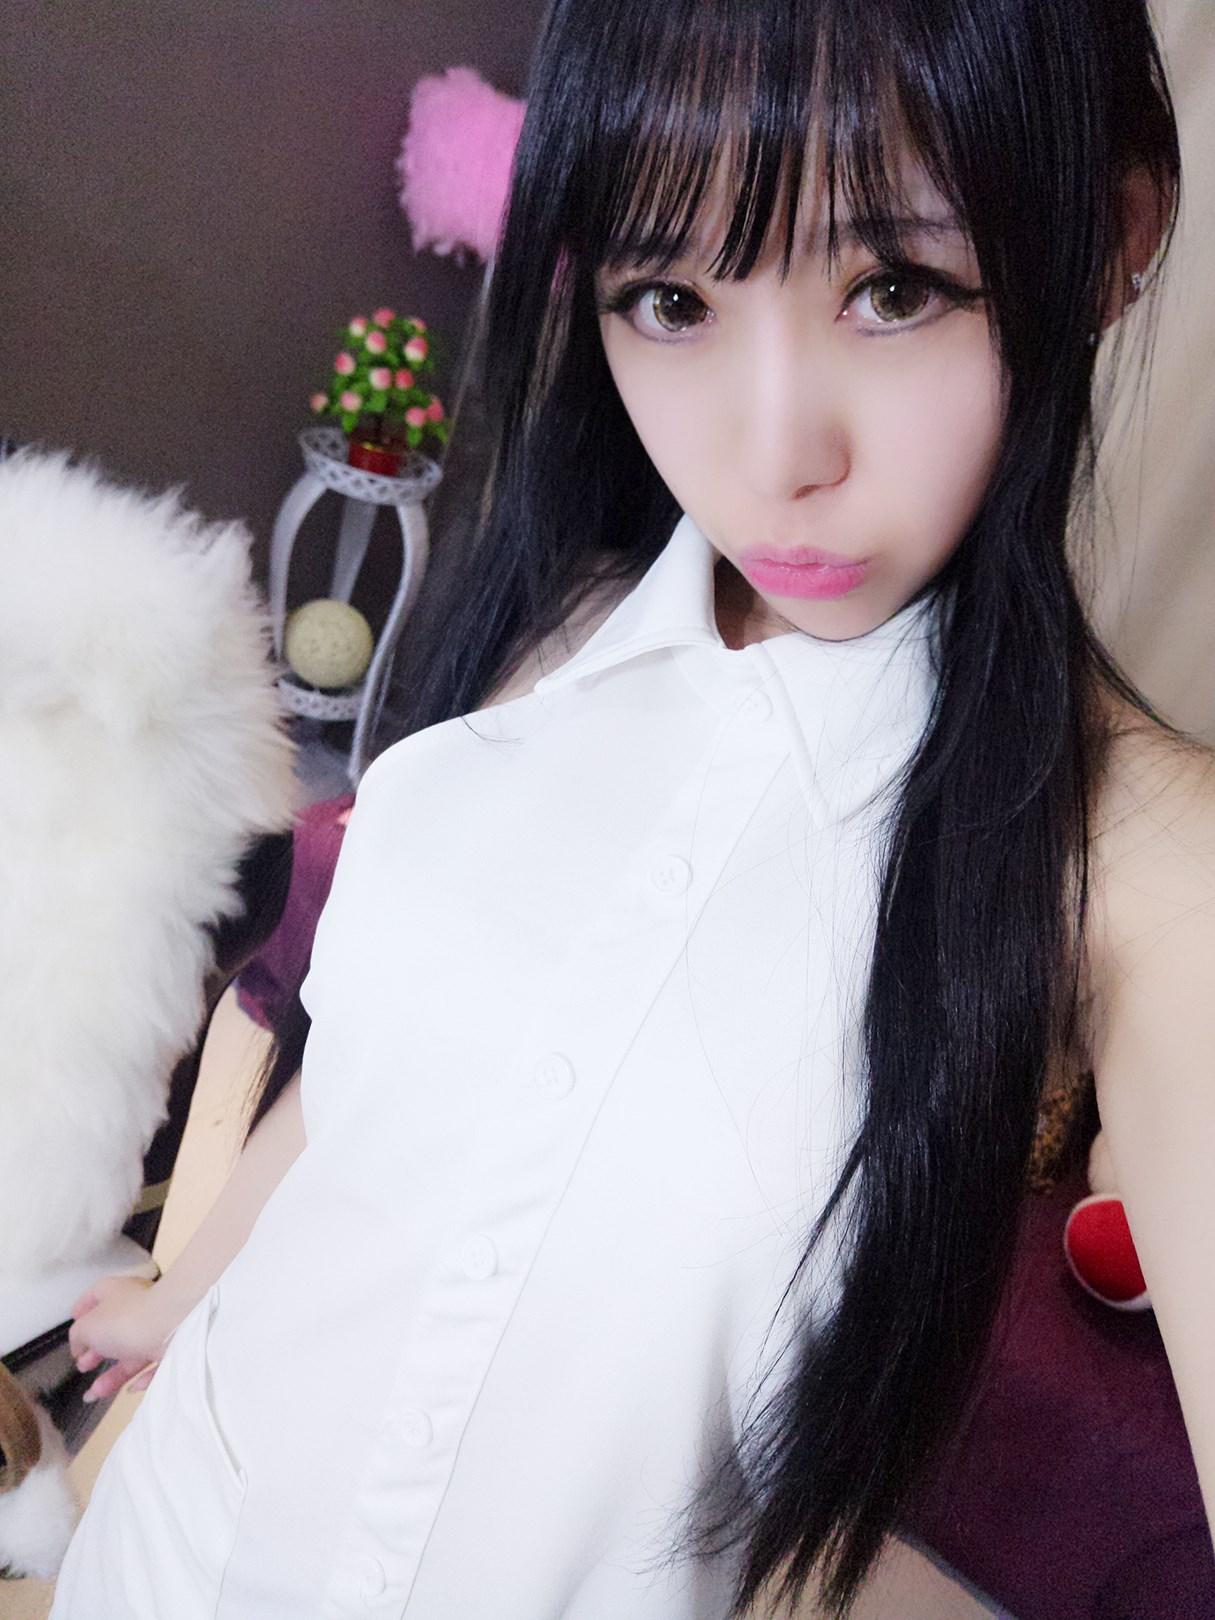 【兔玩映画】配音妹子朴美桃 兔玩映画 第32张